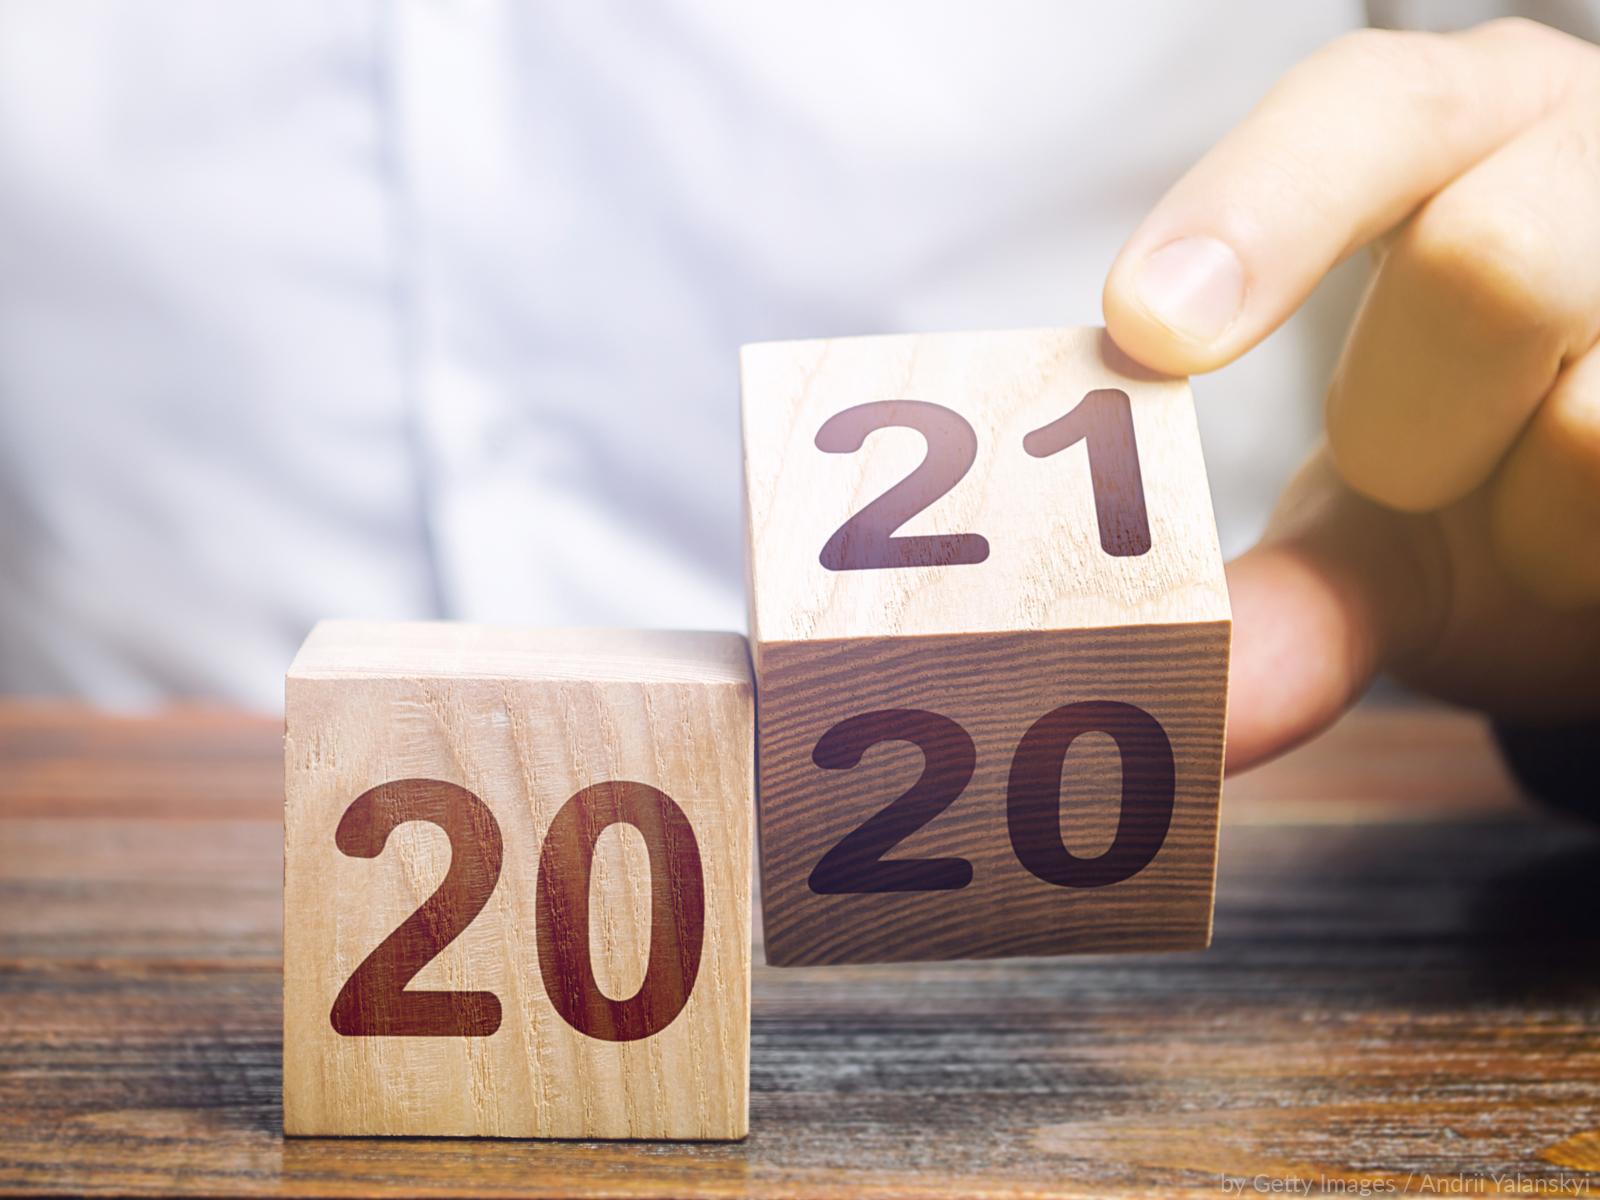 Ano Novo tempo de renovar as esperanças